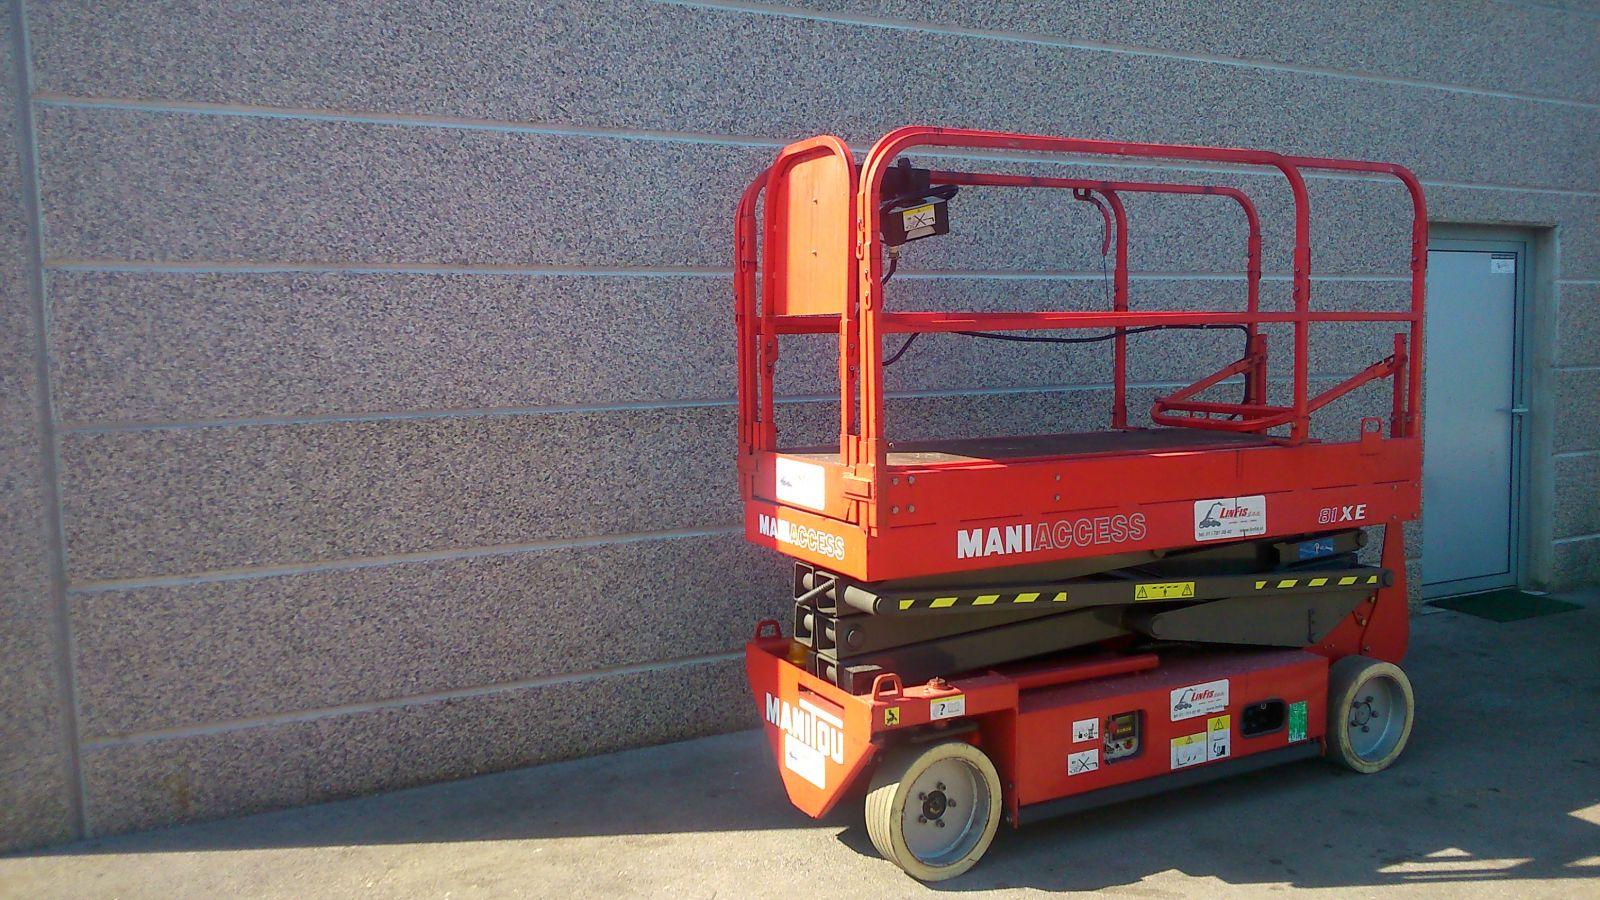 Rabljena-električna-dvižna-ploščad-MANITOU-model-81_XE